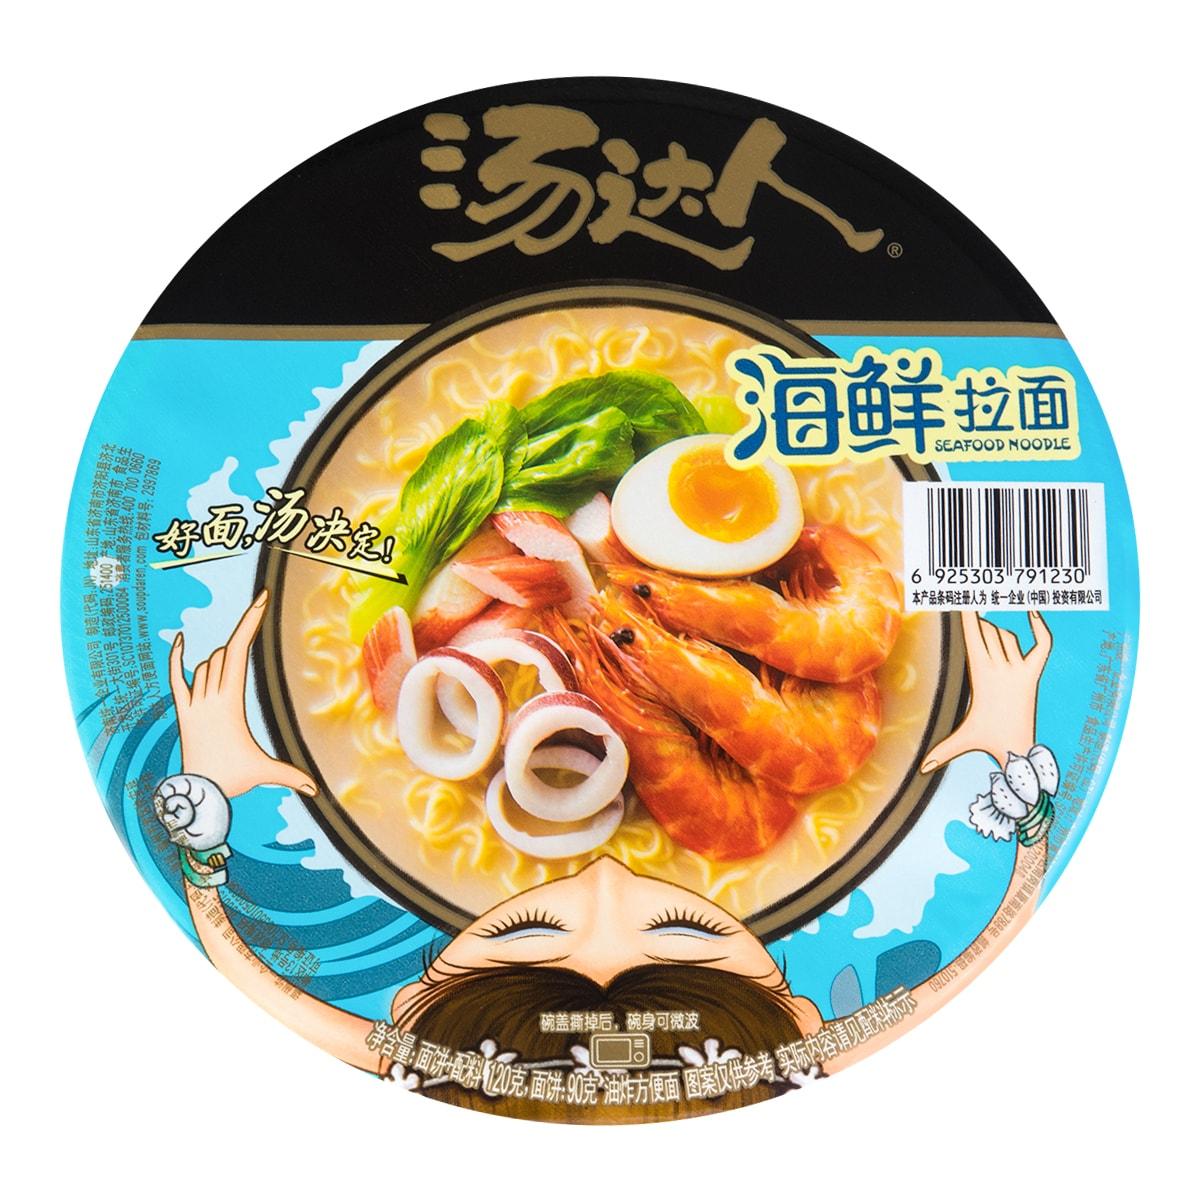 台湾统一汤达人 海鲜拉面 碗装 120g